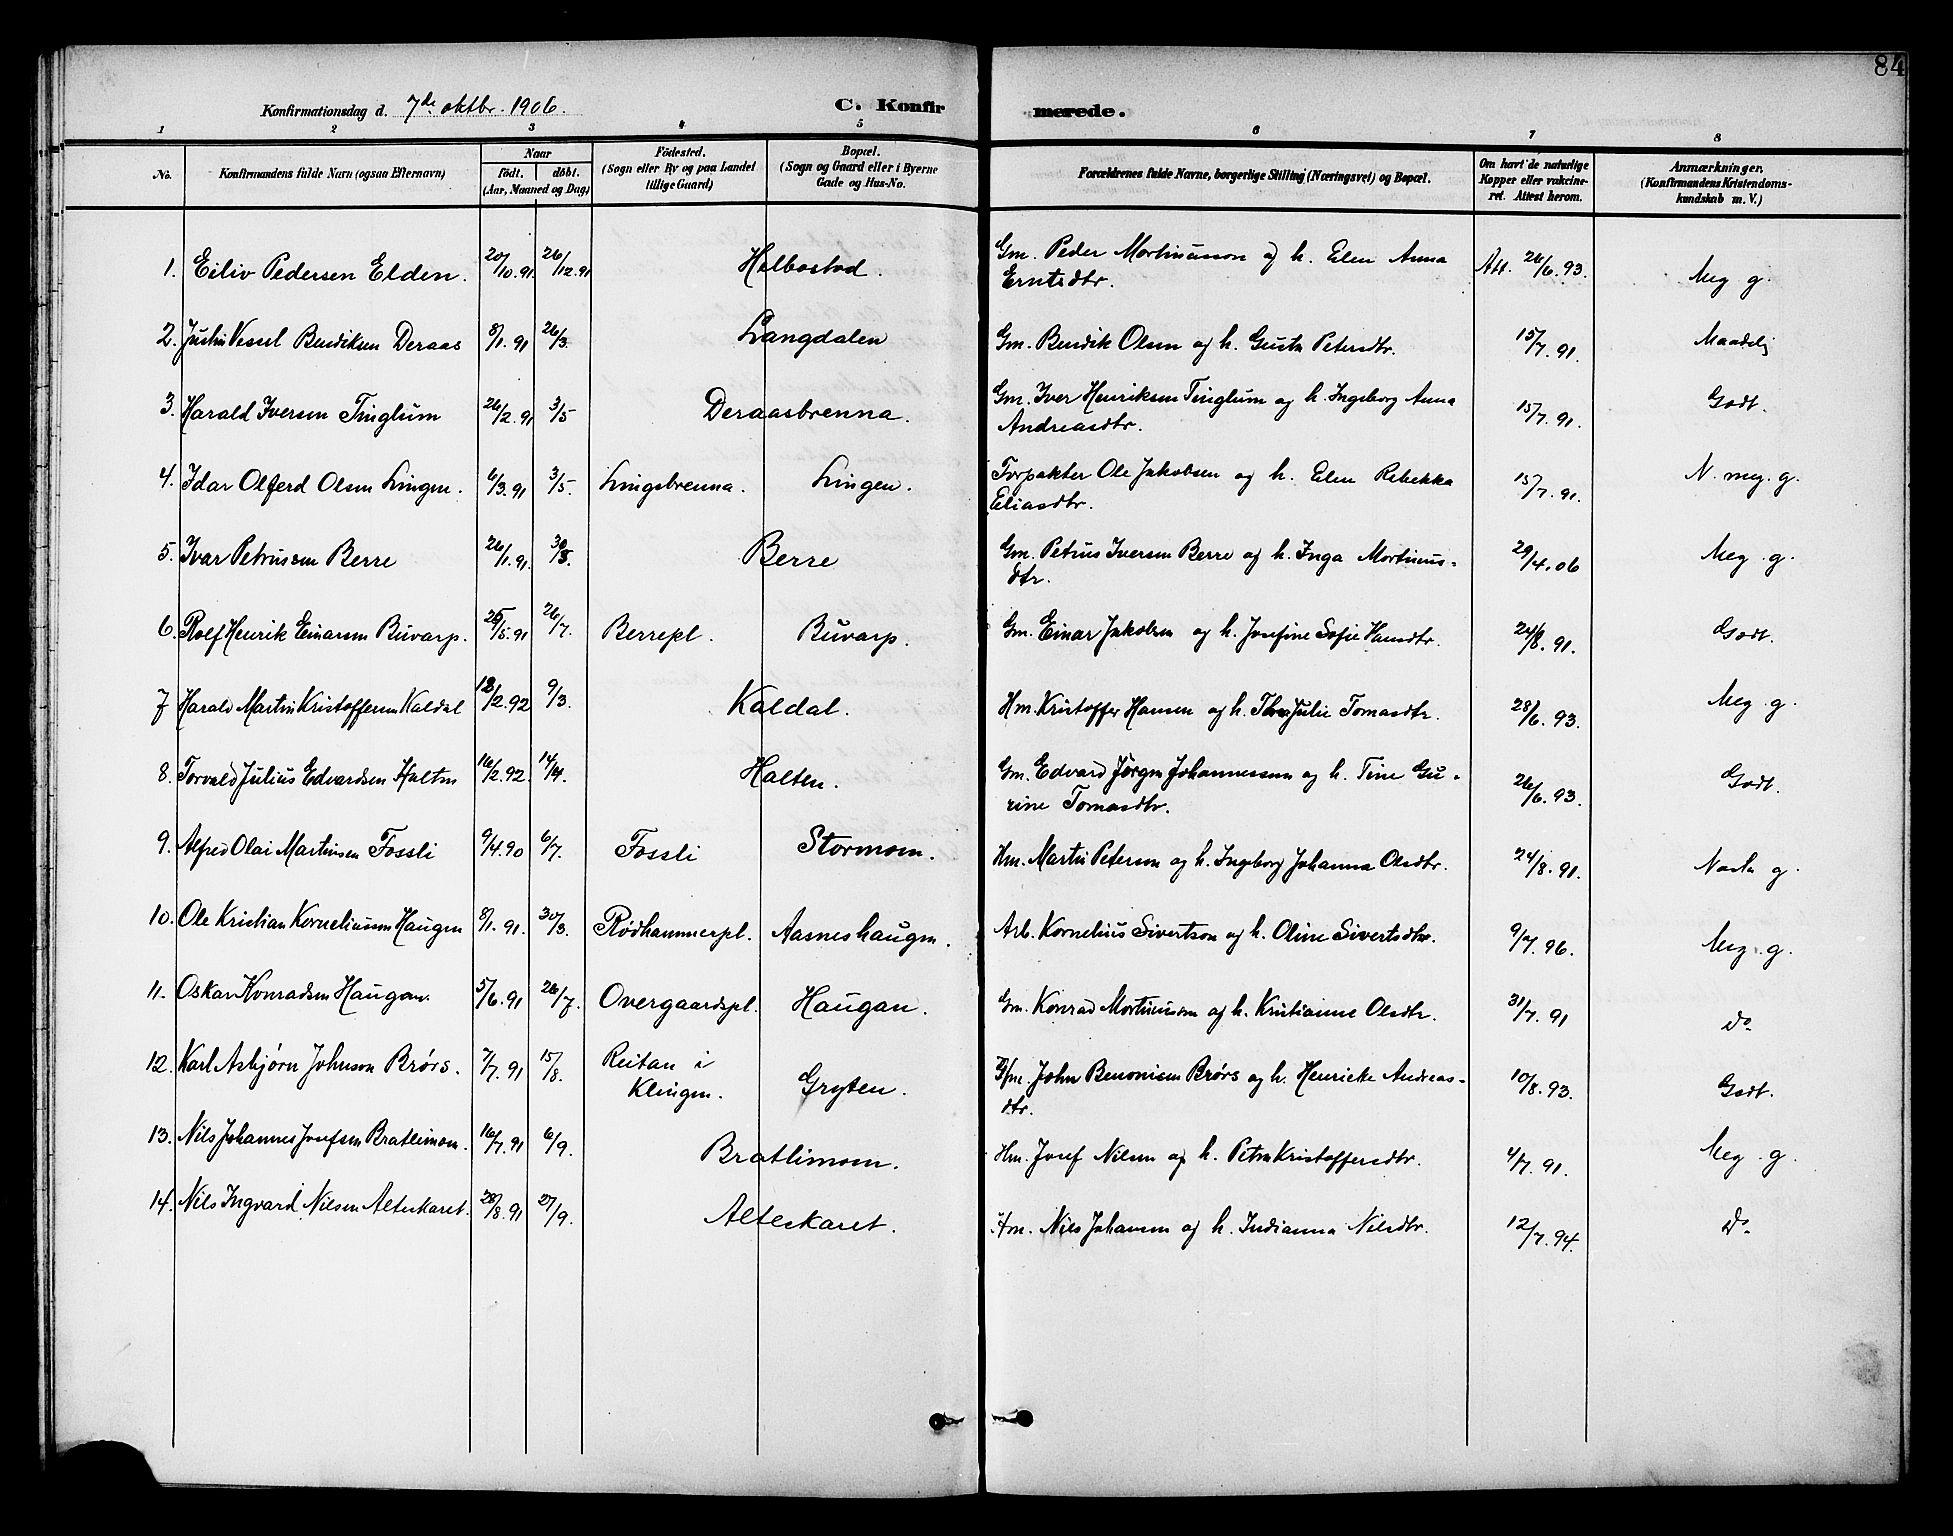 SAT, Ministerialprotokoller, klokkerbøker og fødselsregistre - Nord-Trøndelag, 742/L0412: Klokkerbok nr. 742C03, 1898-1910, s. 84